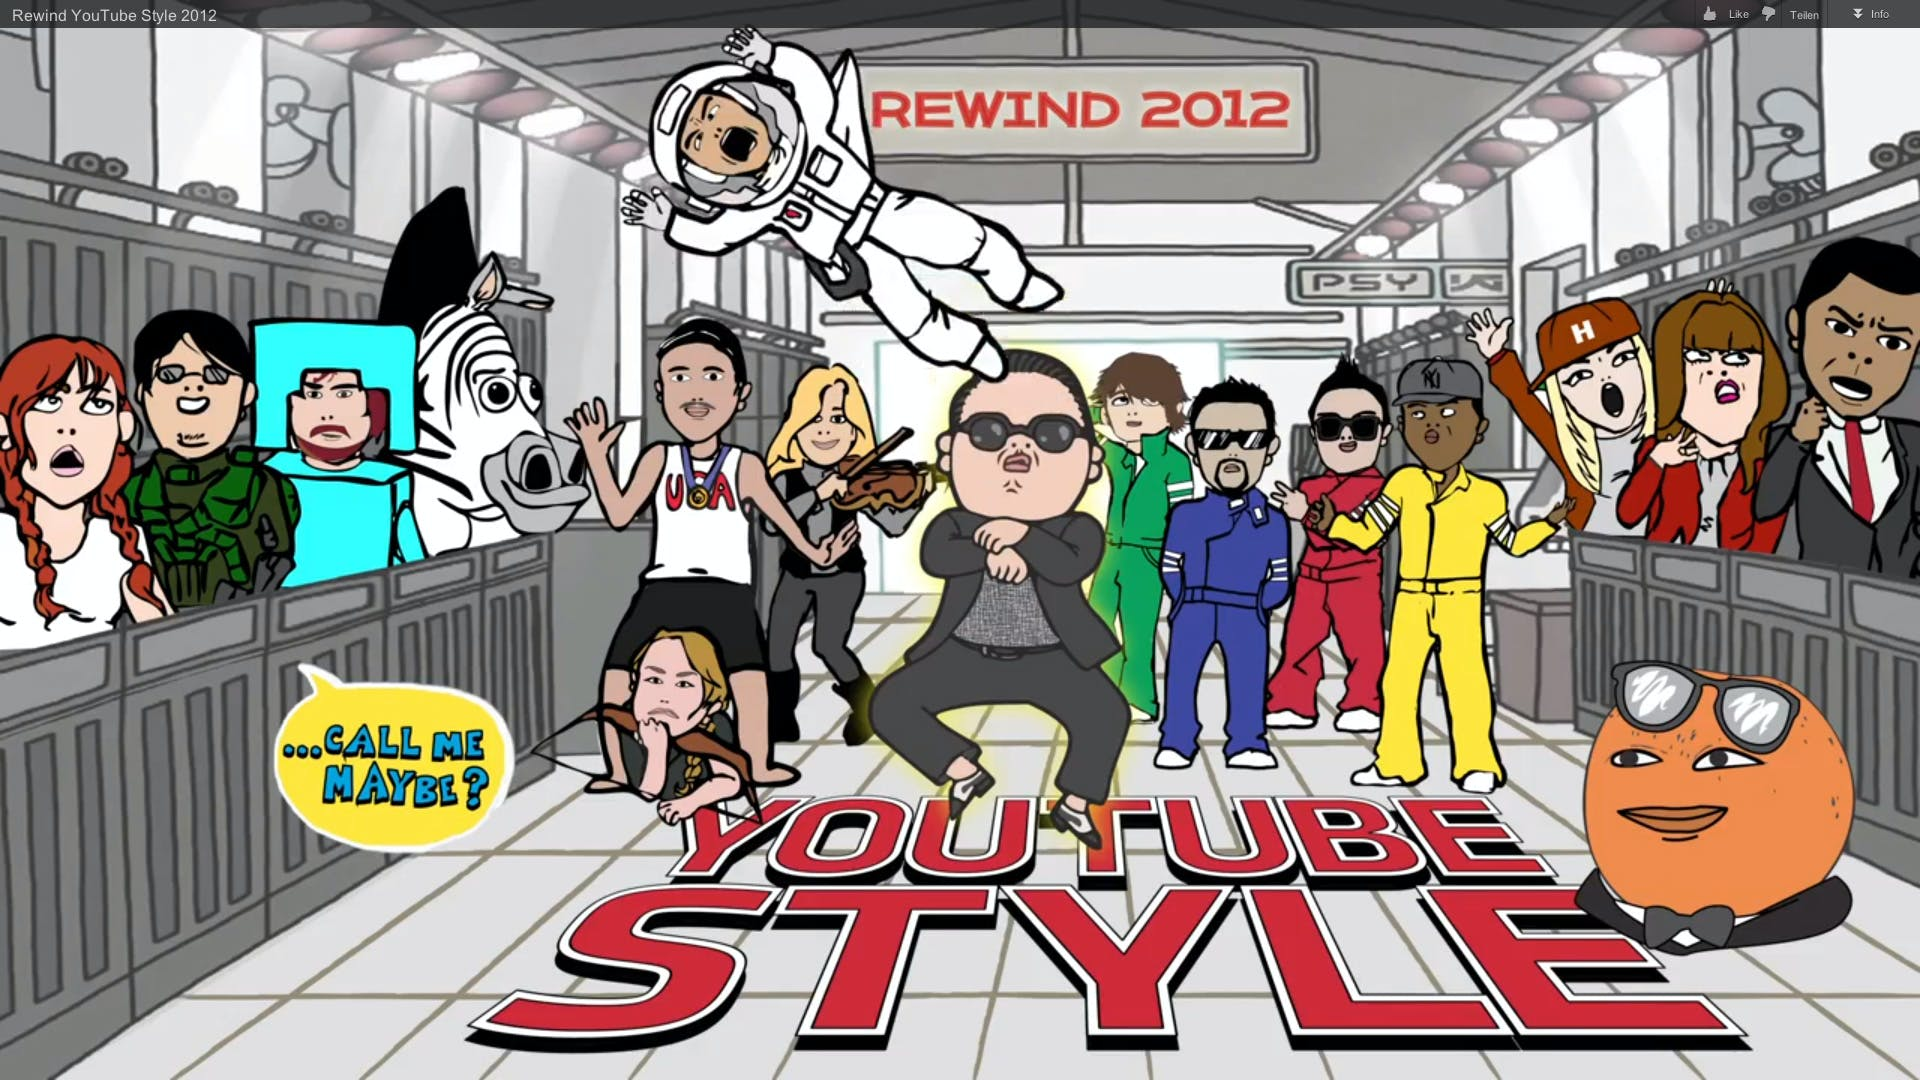 Jahresrückblick: YouTube bringt die bekanntesten Internet-Stars zusammen